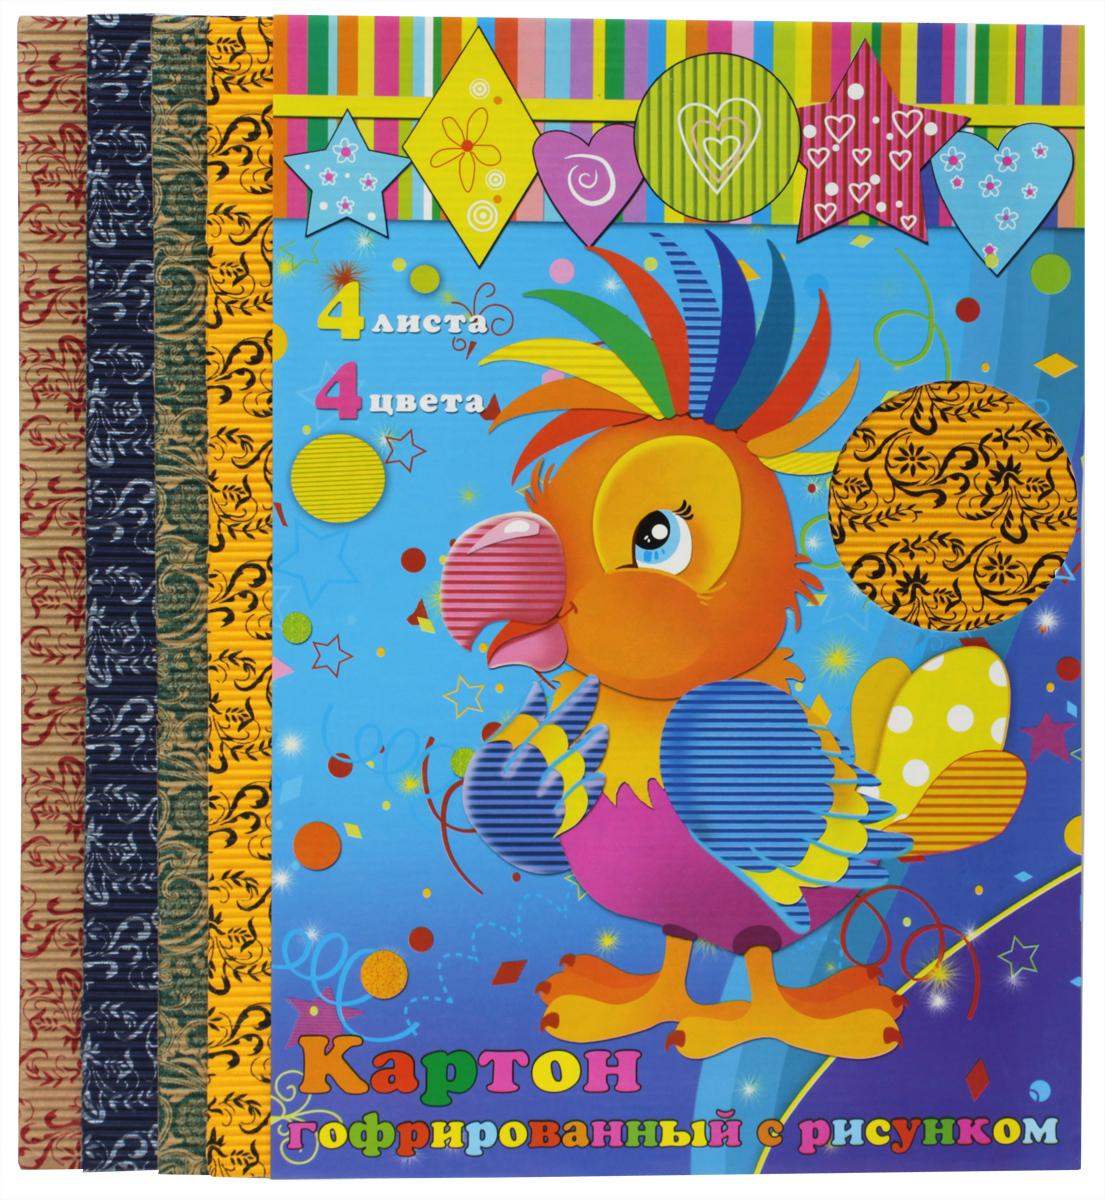 Феникс+ Гофрированный цветной картон с рисунком 4 листа11-410-72Набор гофрированного цветного картона Феникс+ позволит создавать всевозможные аппликации и поделки. Набор включает 4 листа гофрированного двухслойного картона с рисунком. Цвета в наборе: зеленый, синий, желтый, бежевый.Гофрированный картон может использоваться для упаковки, поделок, декорирования и других видов творчества.